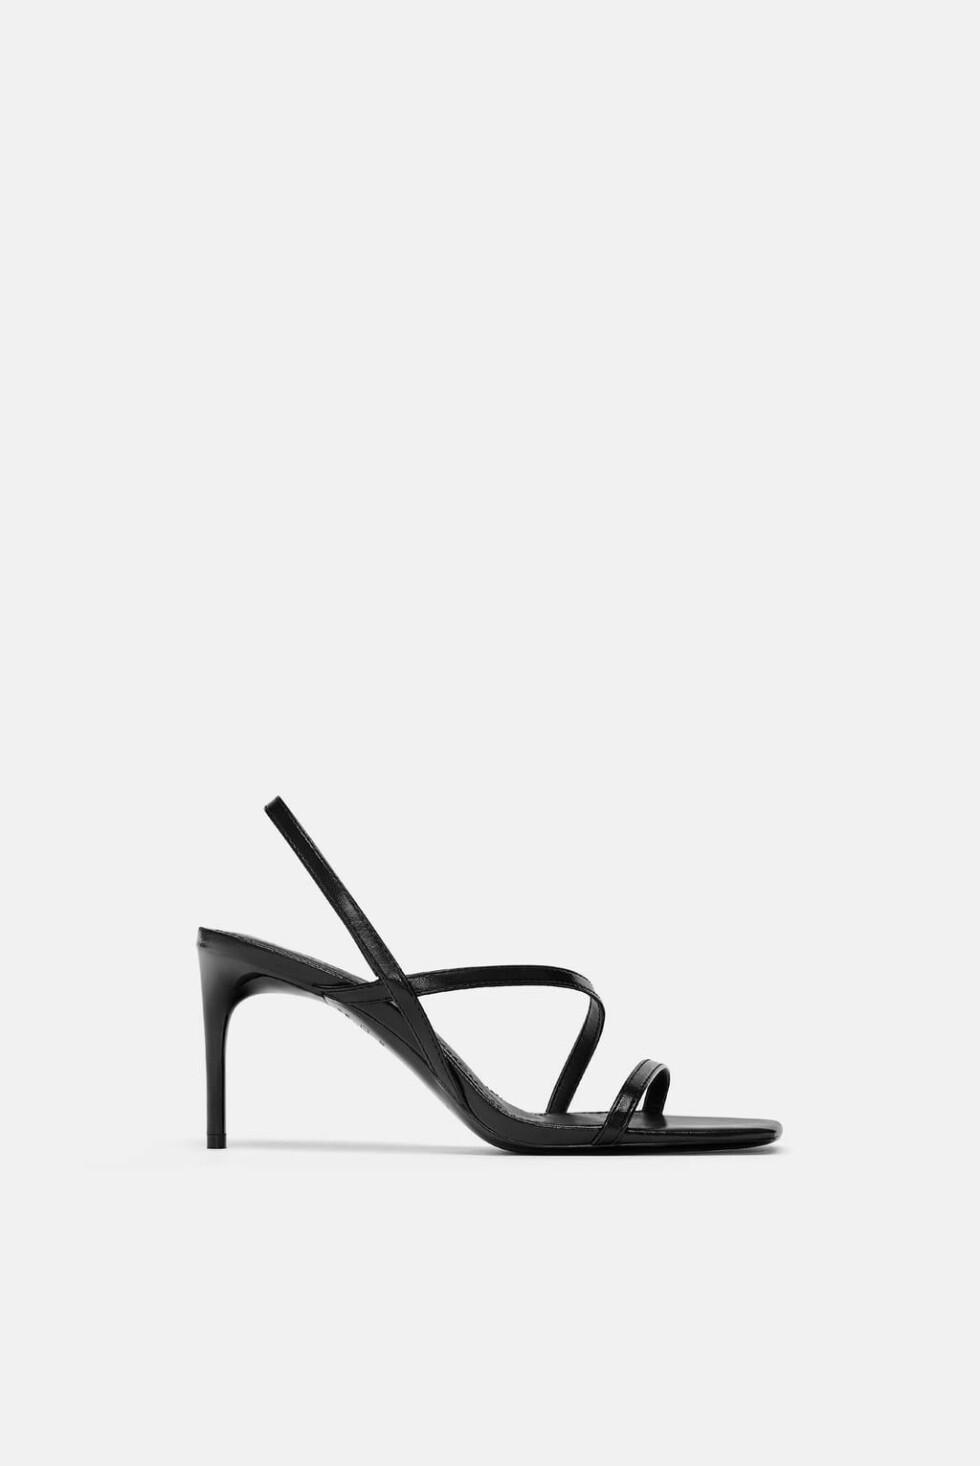 Sko fra Zara |559,-| https://www.zara.com/no/no/sandal-med-remmer-p13352001.html?v1=7887005&v2=1074802